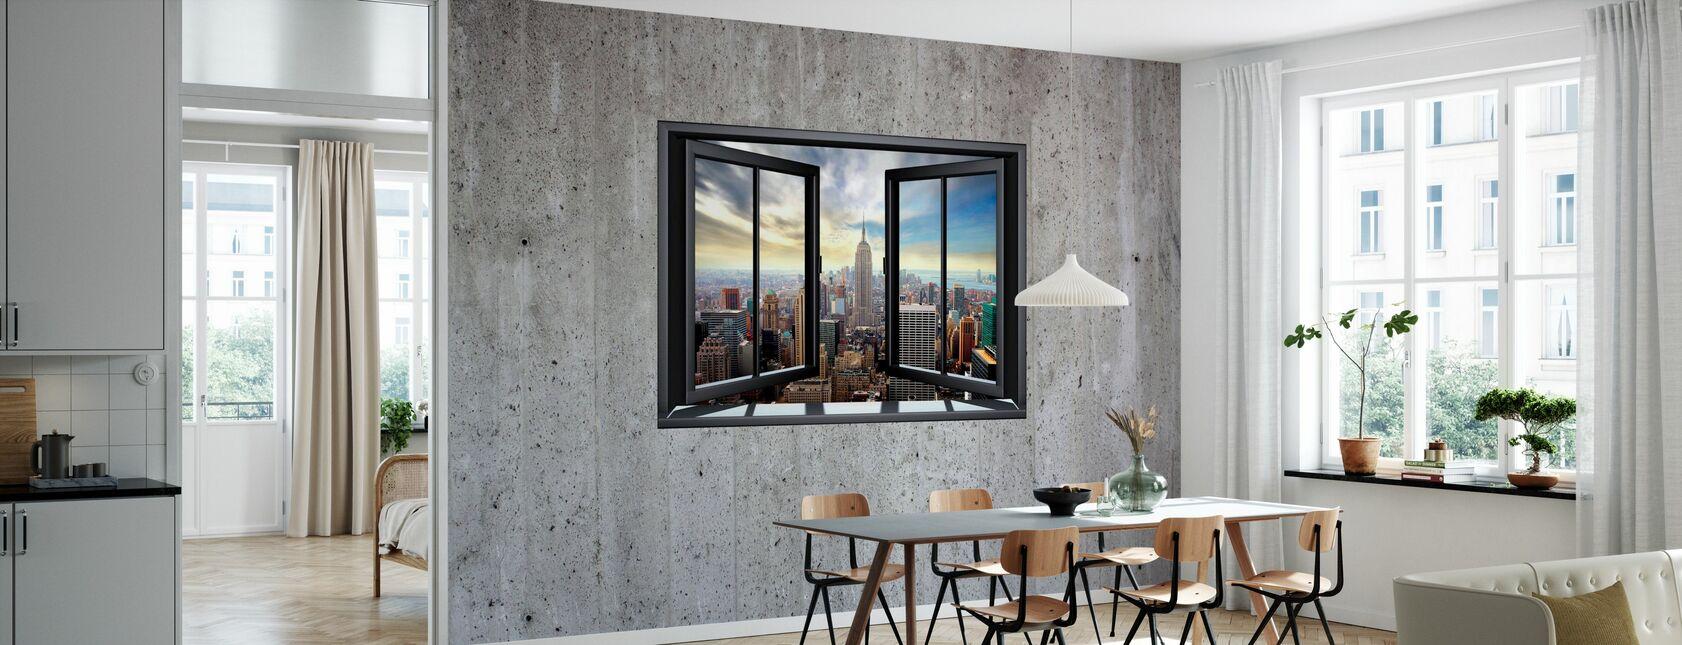 New York door raam - Betonnen muur - Behang - Keuken